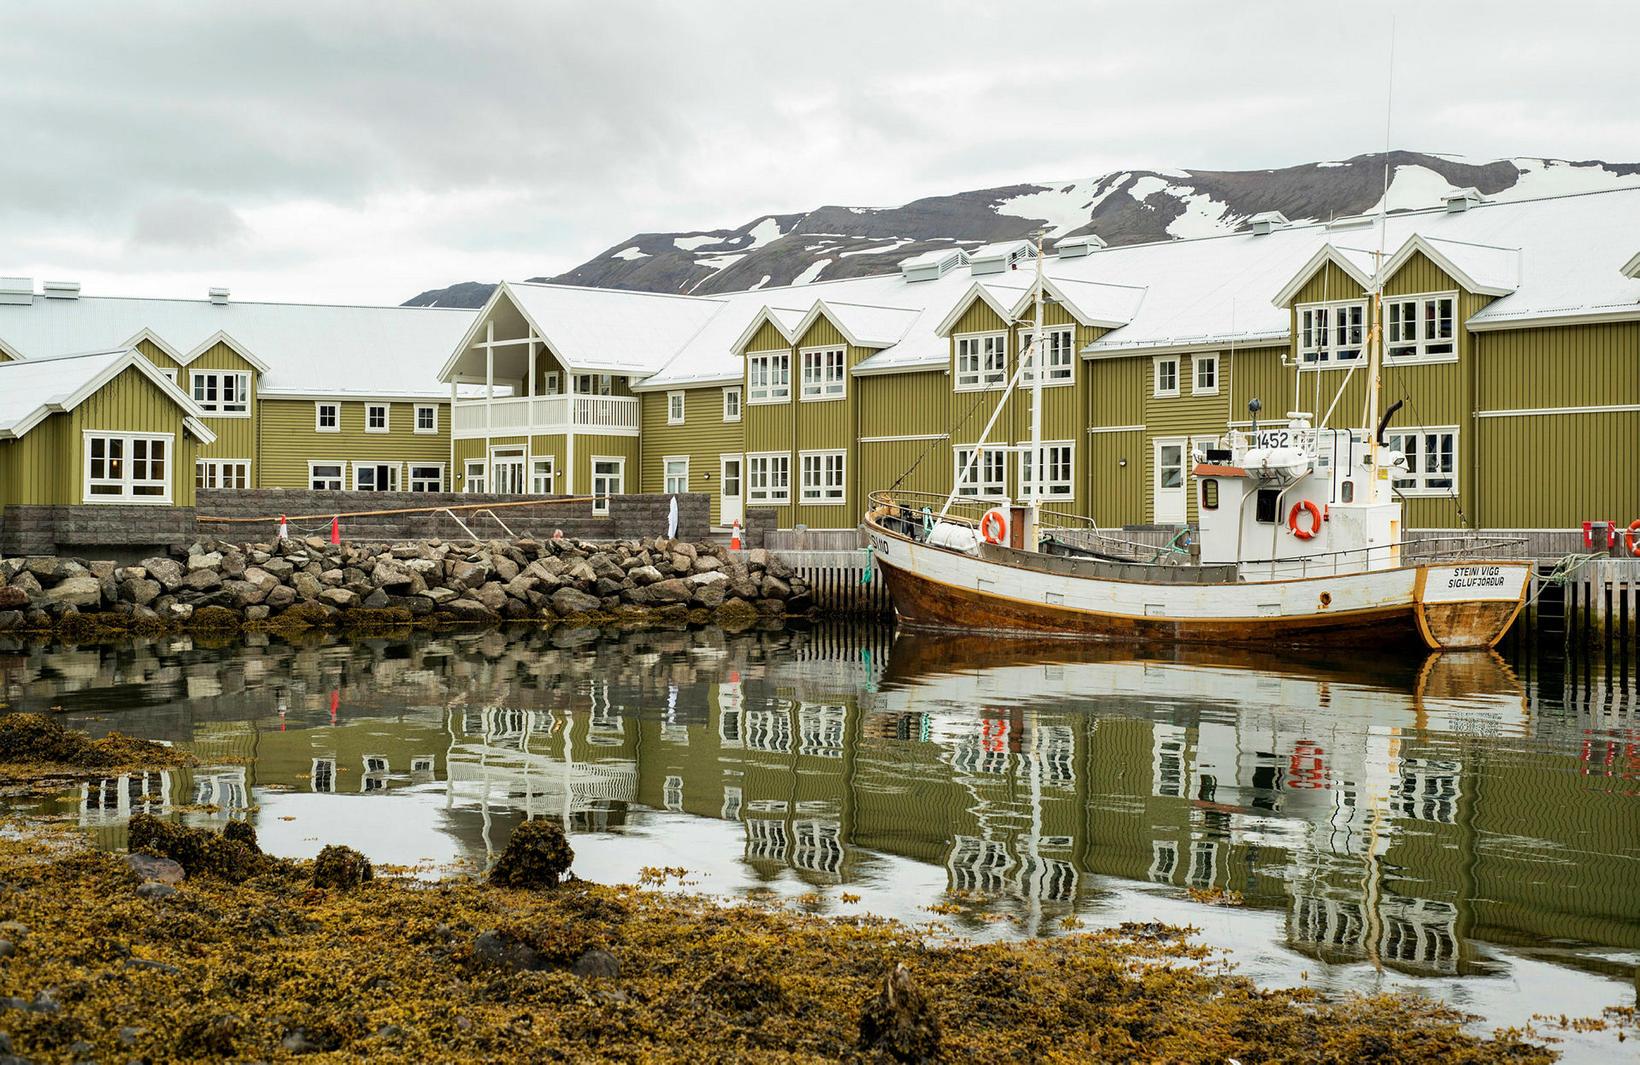 Hótel Sigló á Siglufirði er einstaklega rómantískt hótel.